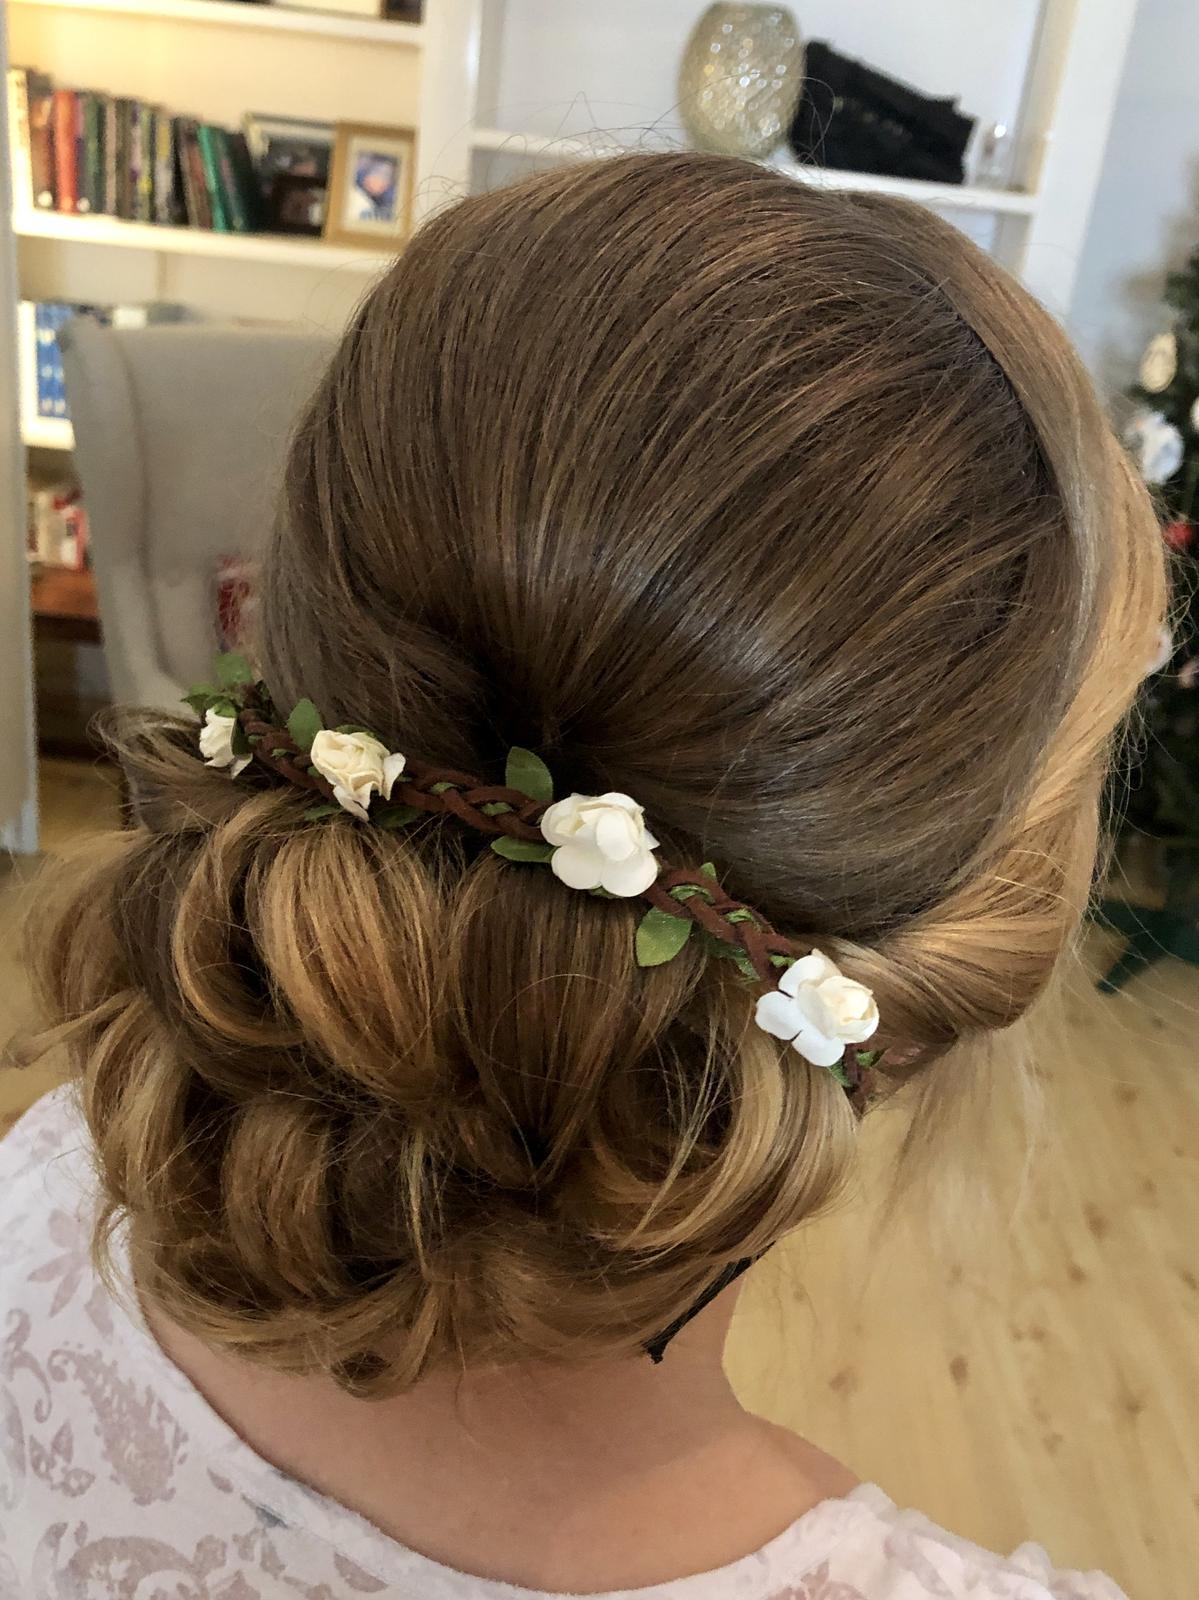 Wedding hairstyle 2019 💄 - Obrázek č. 5